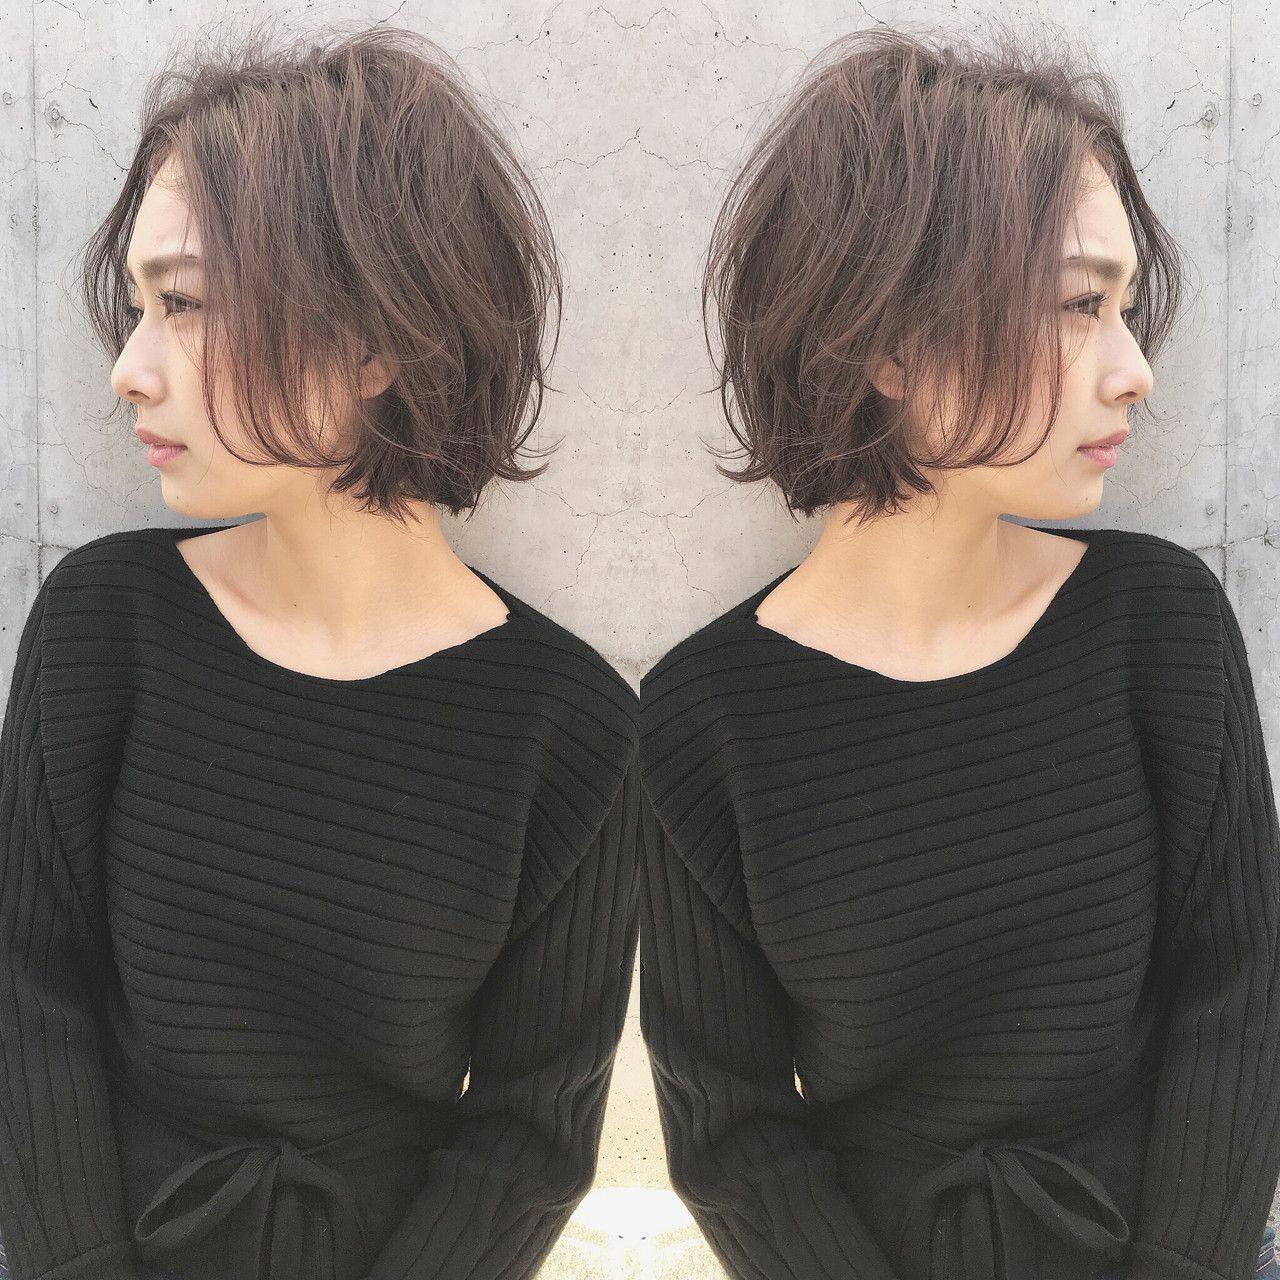 ふわふわショートが可愛いってウワサ♡巻き方からおすすめヘアまで♪【HAIR】